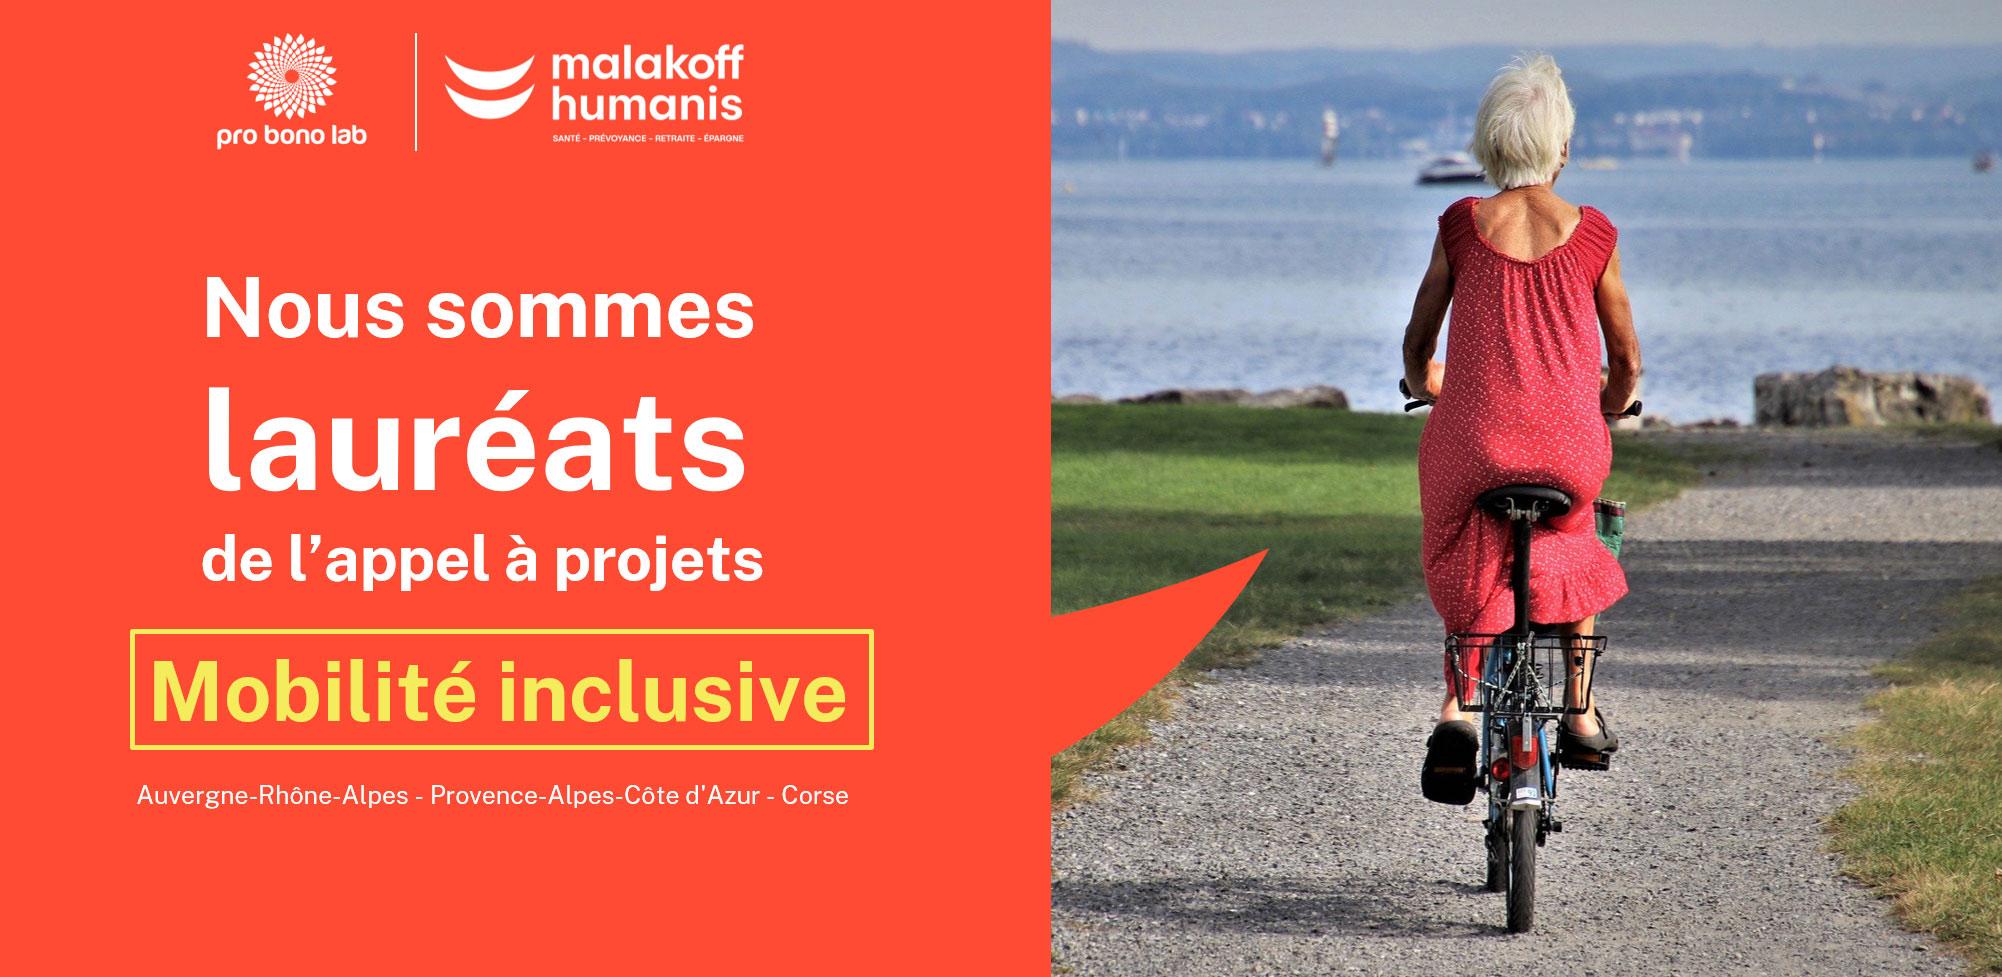 Lauréats de l'appel à projets mobilité inclusive